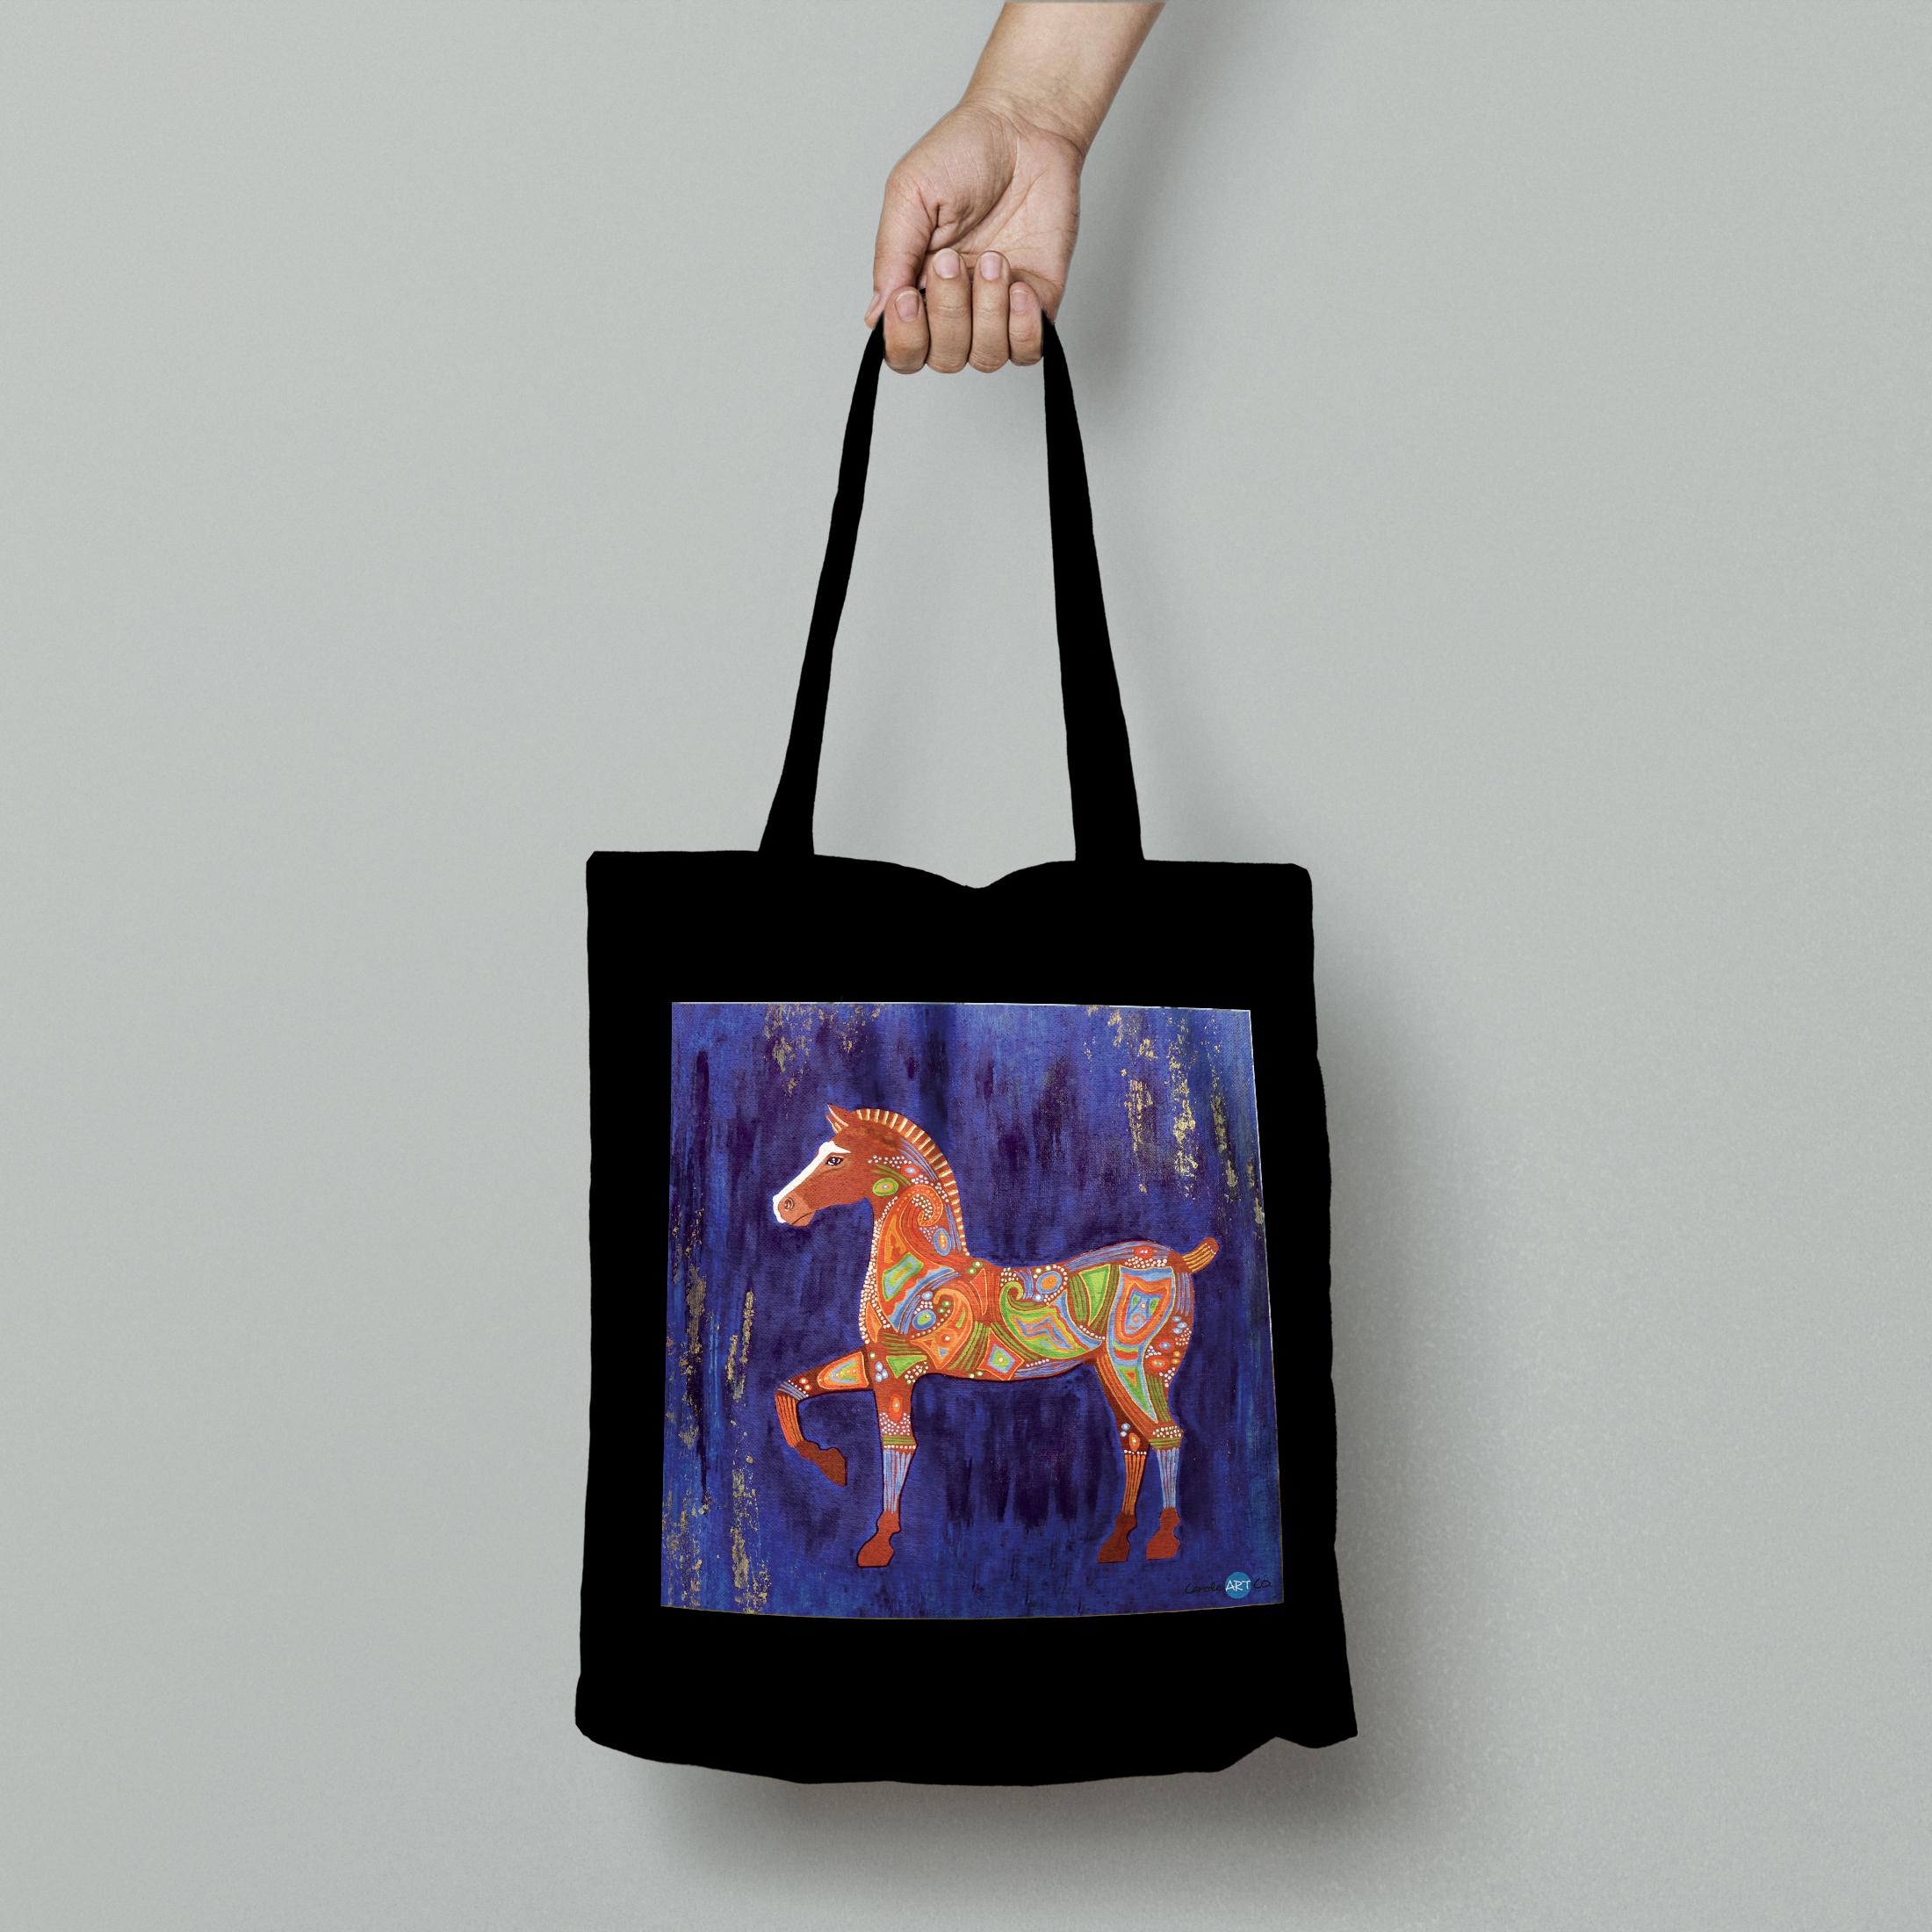 TOTE BAG personnalisé noir peinture cheval de Troie by carole courtoux